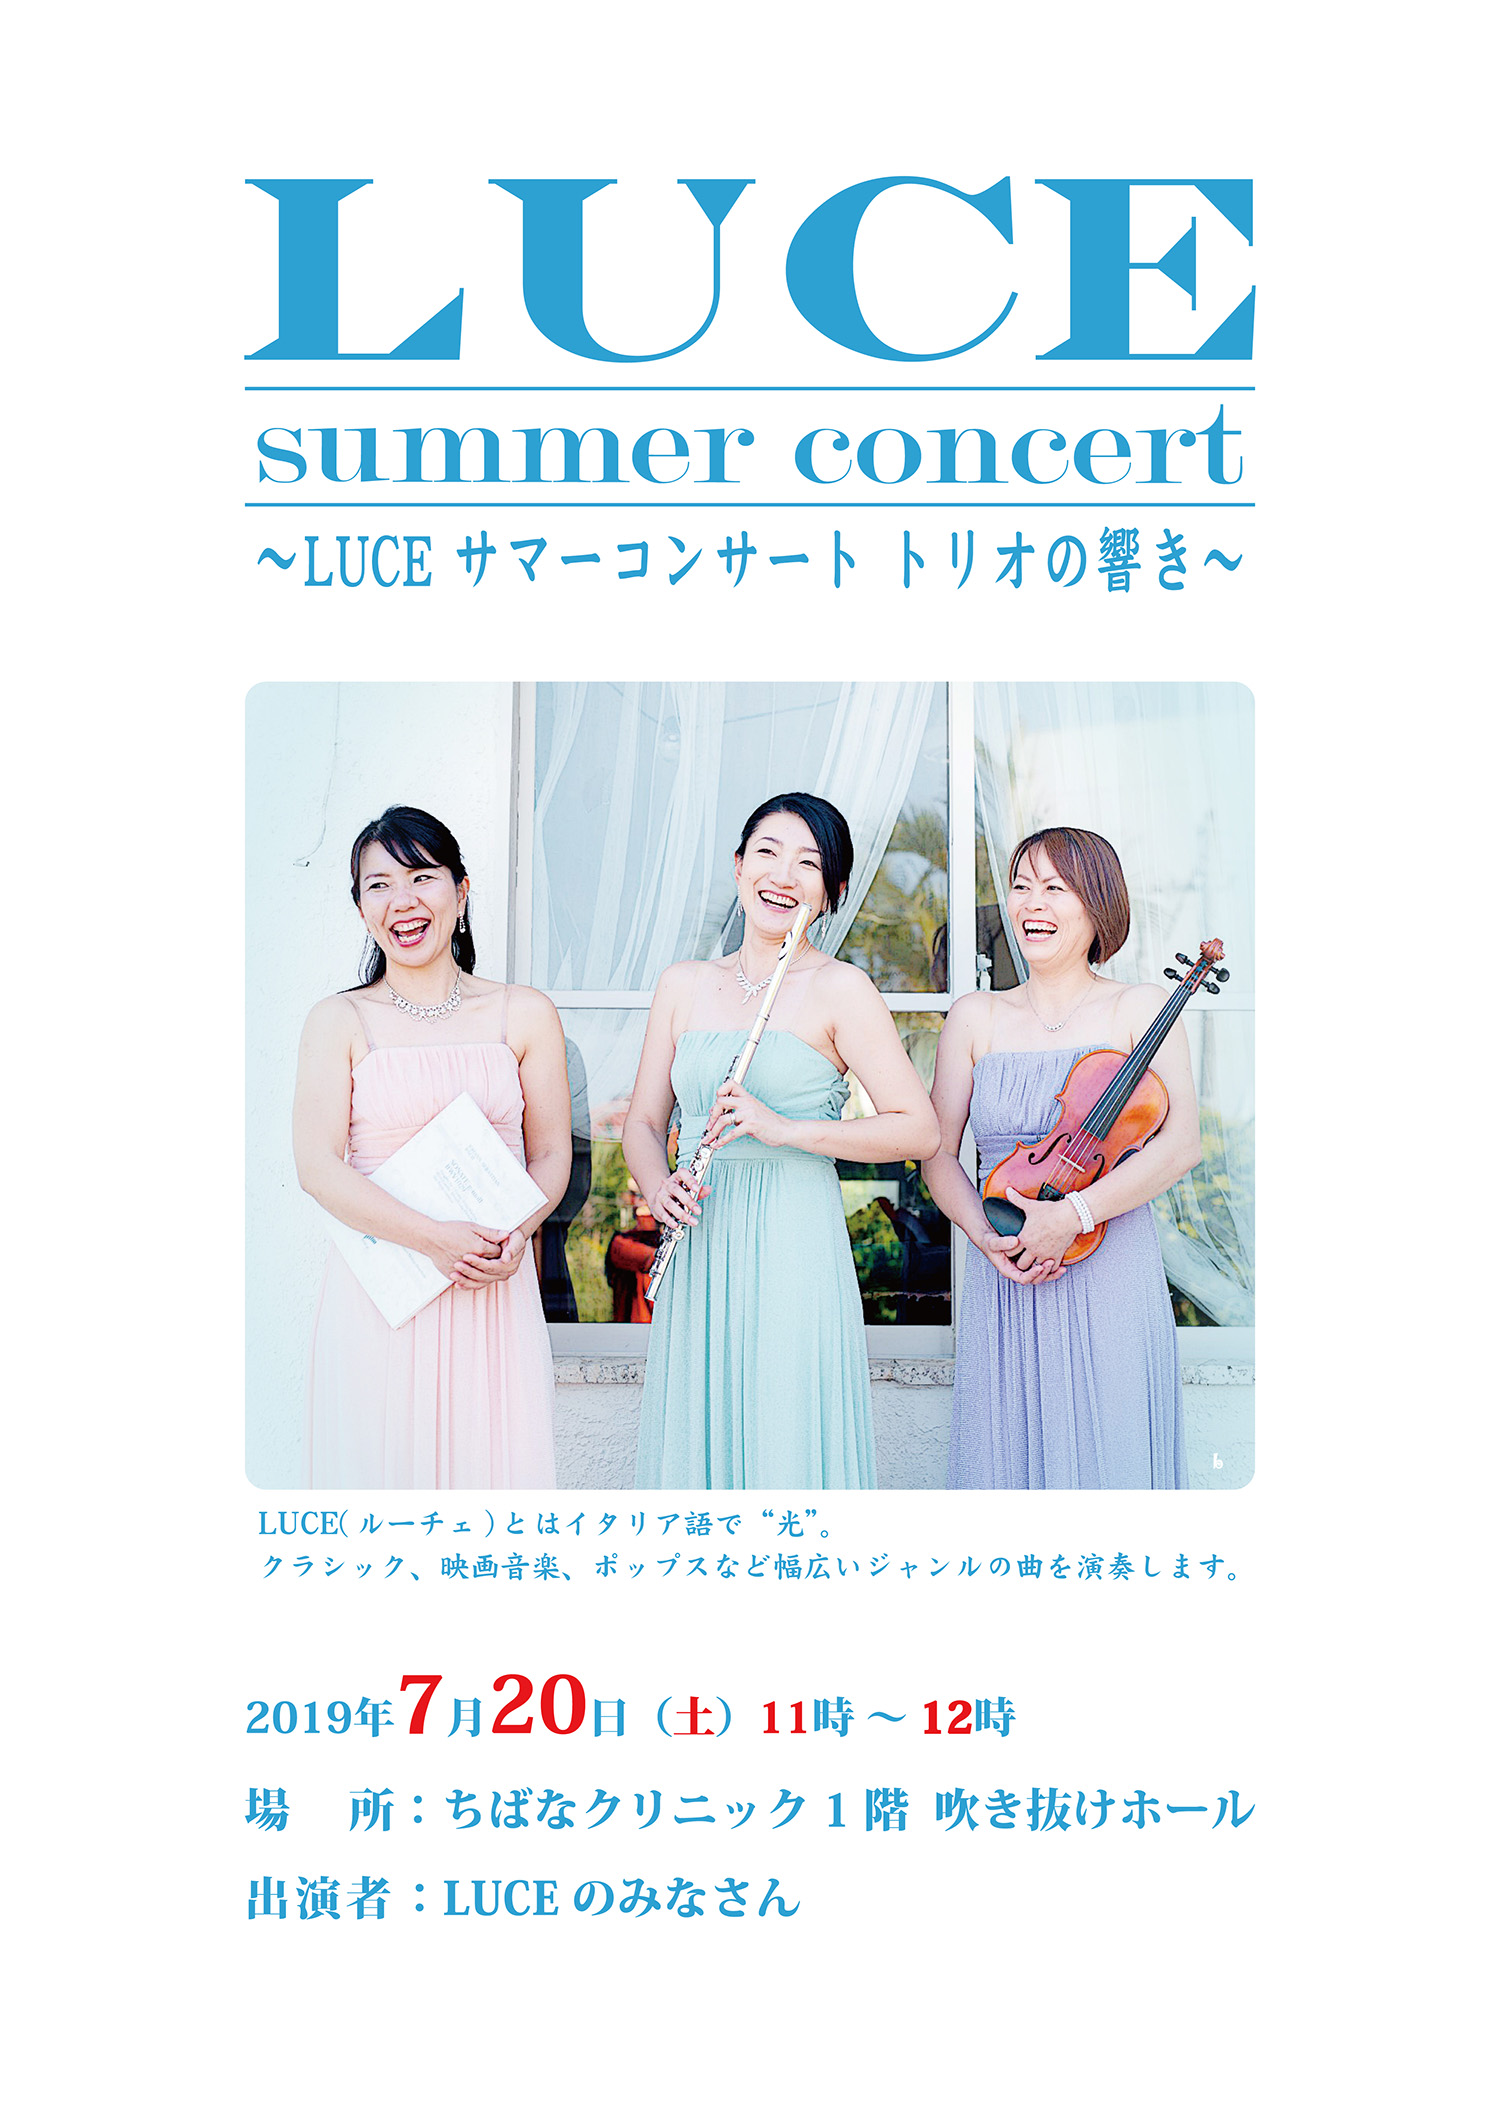 院内コンサート「UCE サマーコンサート トリオの響き」